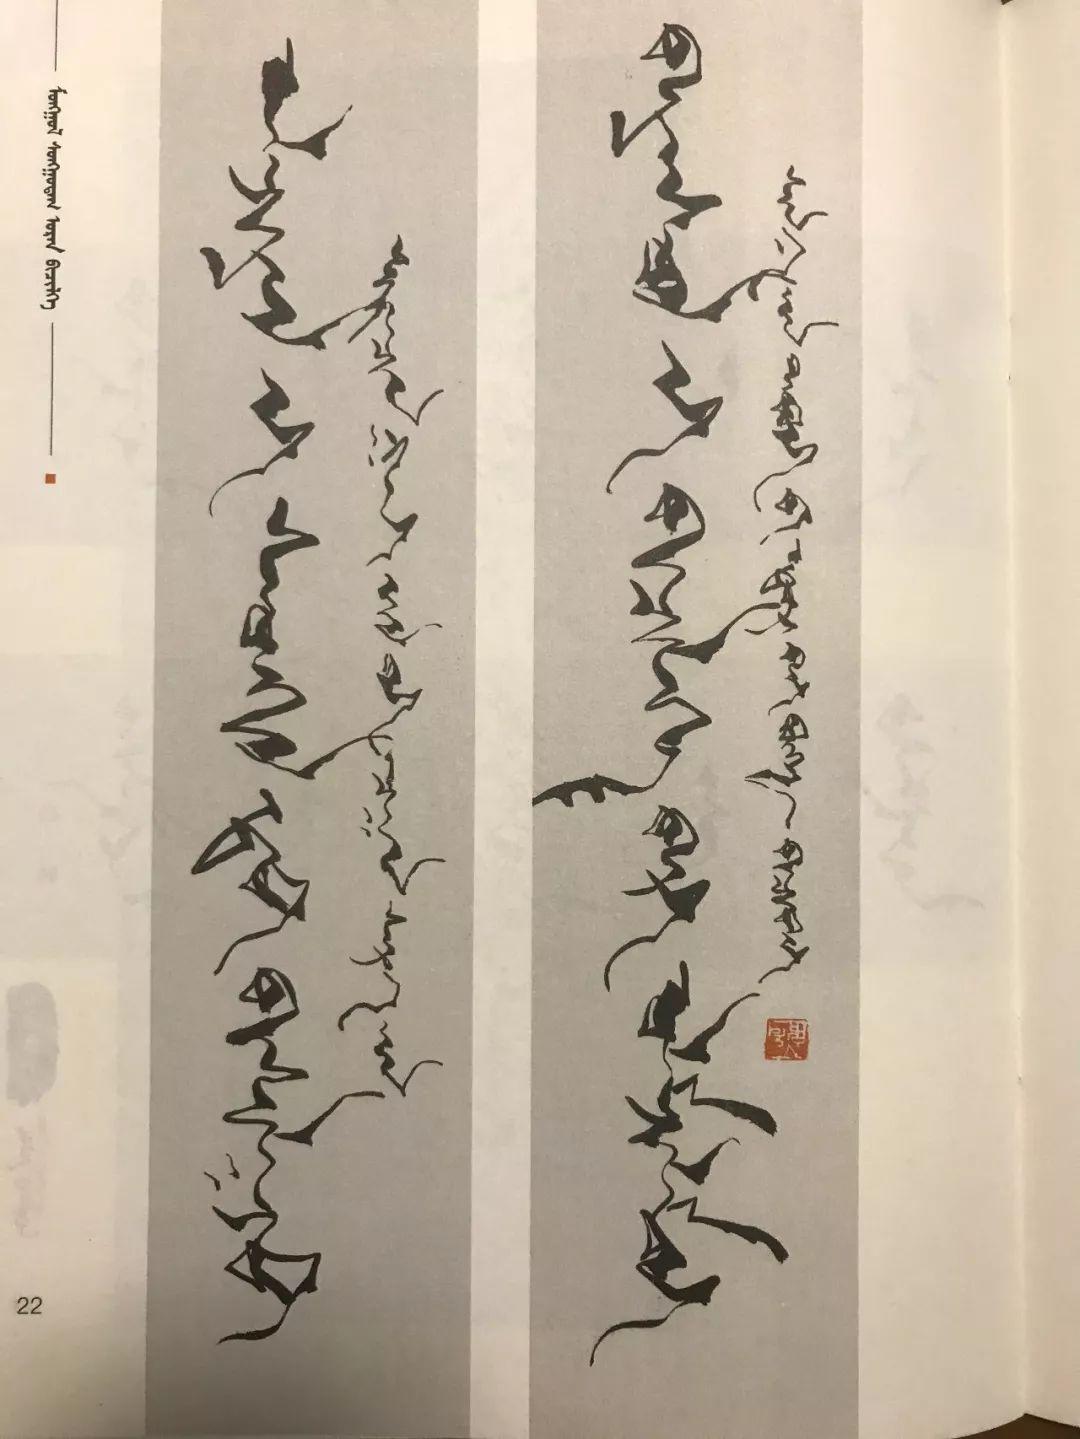 《蒙古文经典书法》在美丽呼伦贝尔首发 第9张 《蒙古文经典书法》在美丽呼伦贝尔首发 蒙古书法